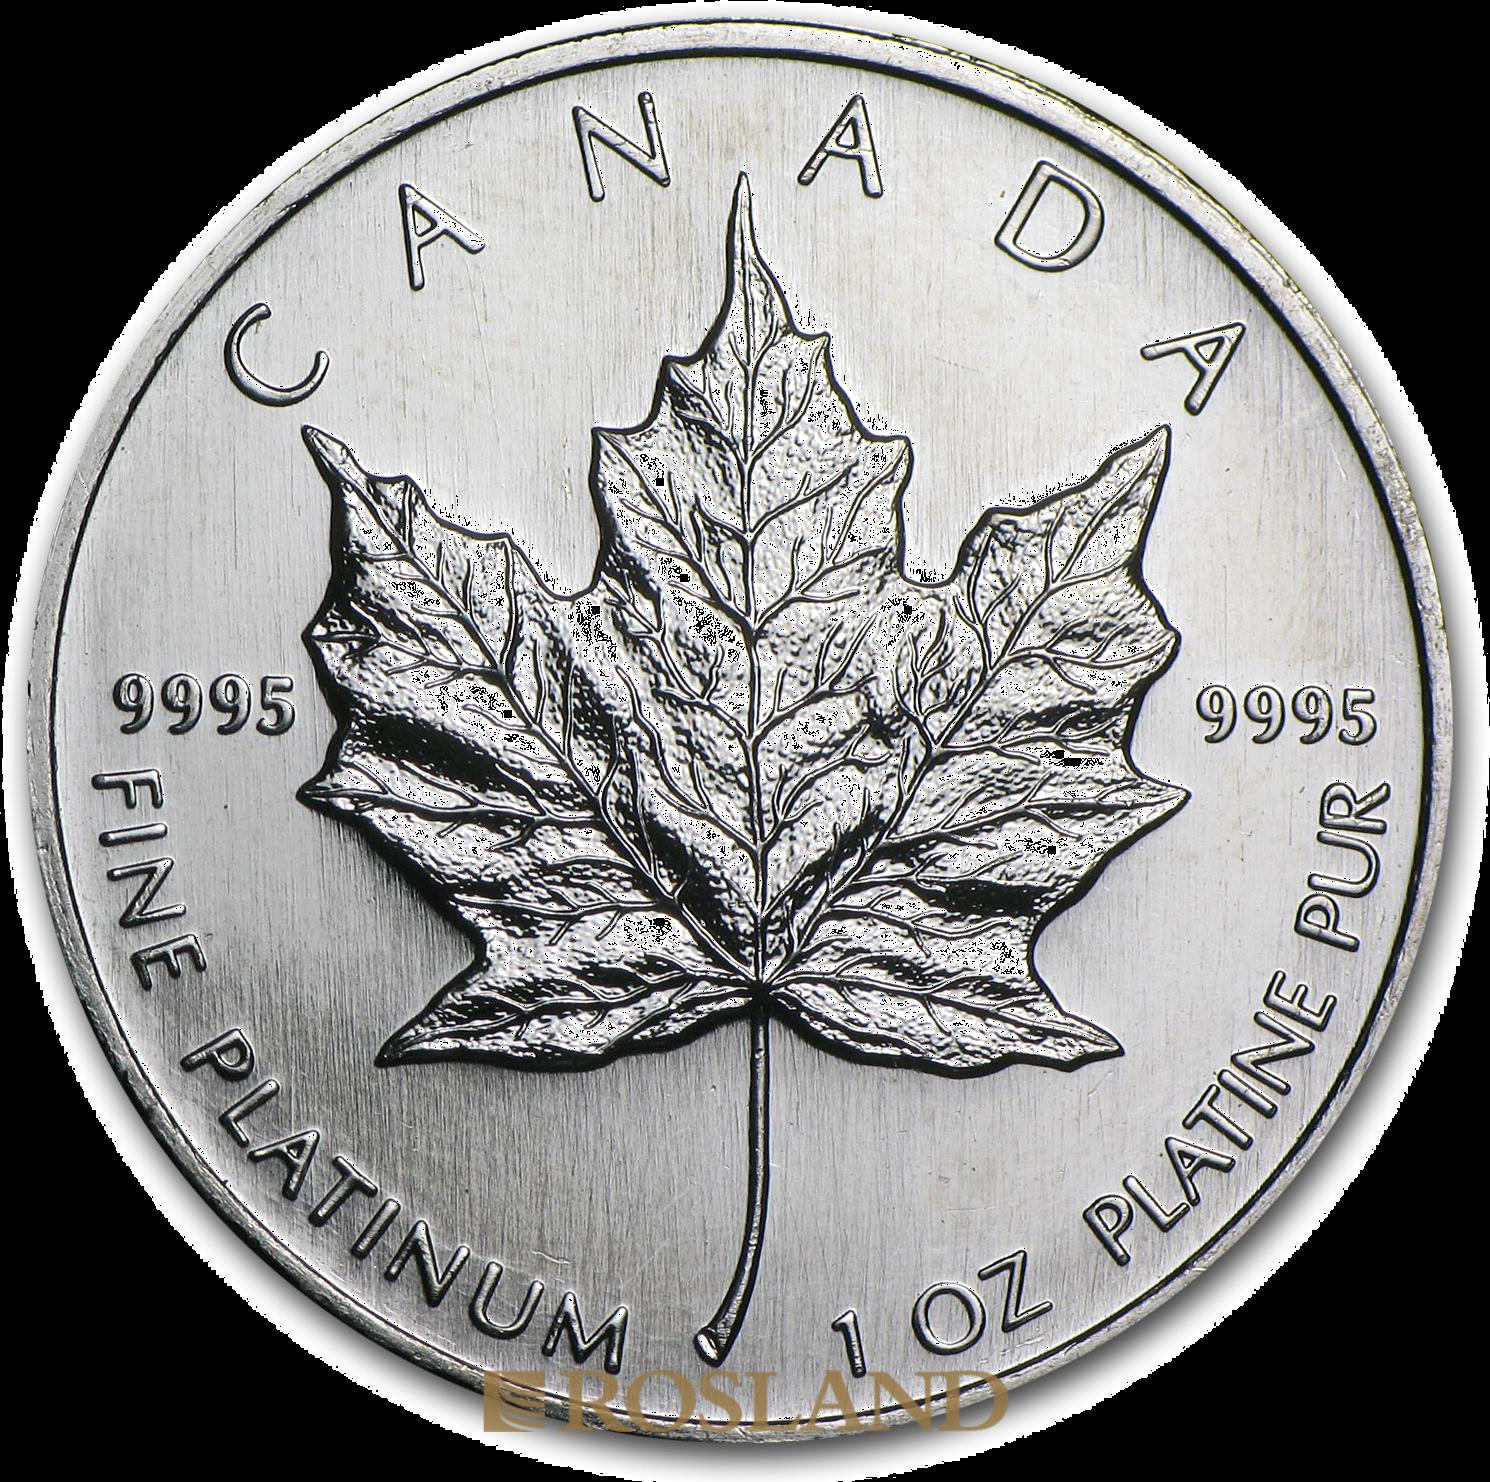 1 Unze Platinmünze Kanada Maple Leaf 1996